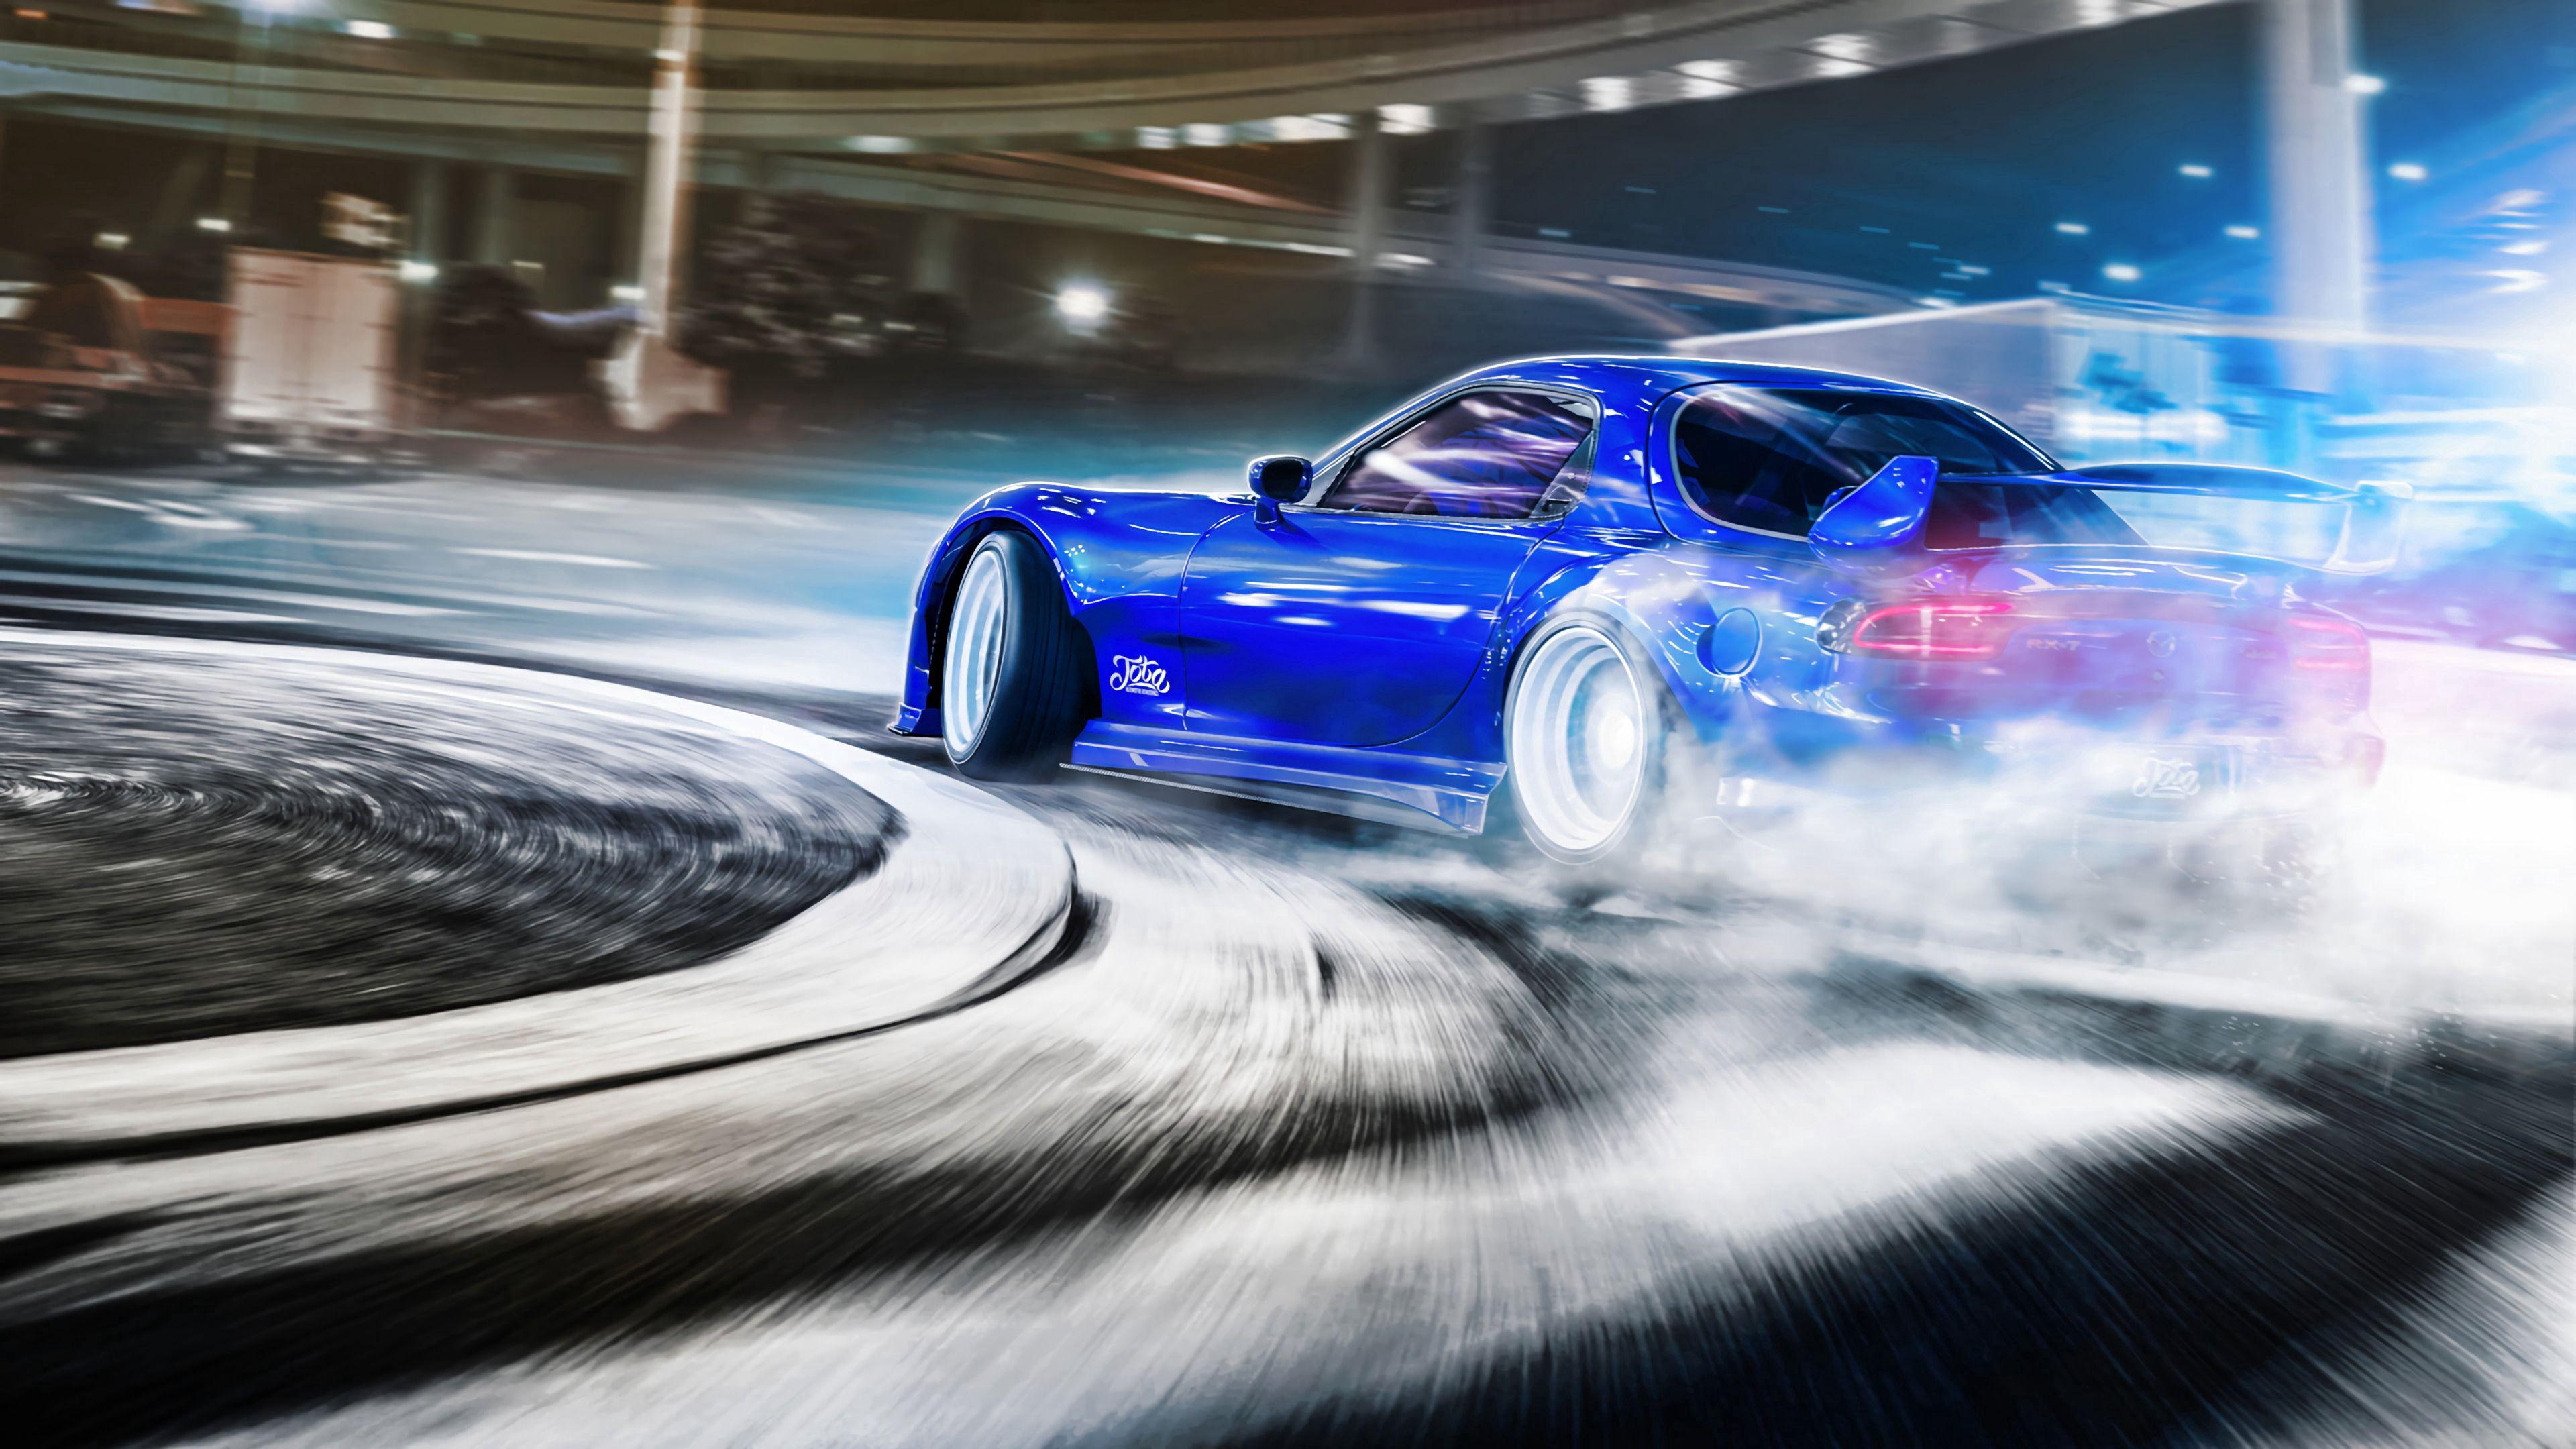 147488 Hintergrundbild herunterladen Auto, Sport, Rennen, Cars, Maschine, Sportwagen, Geschwindigkeit, Drift - Bildschirmschoner und Bilder kostenlos